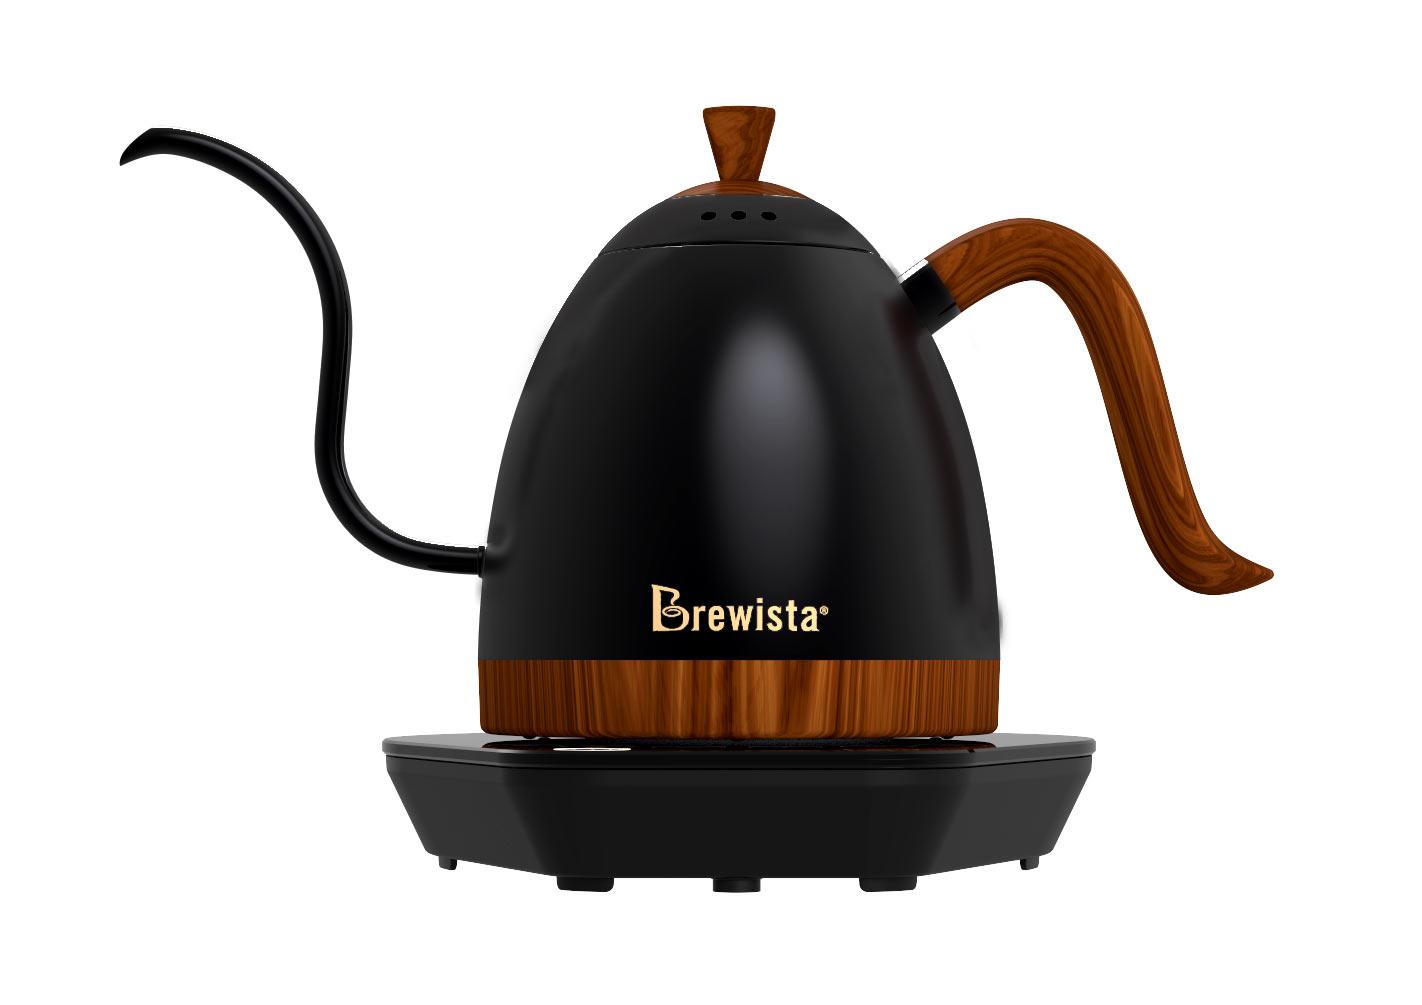 1. หม้อต้มกาแฟ Brewista รุ่น kettle 600 ml